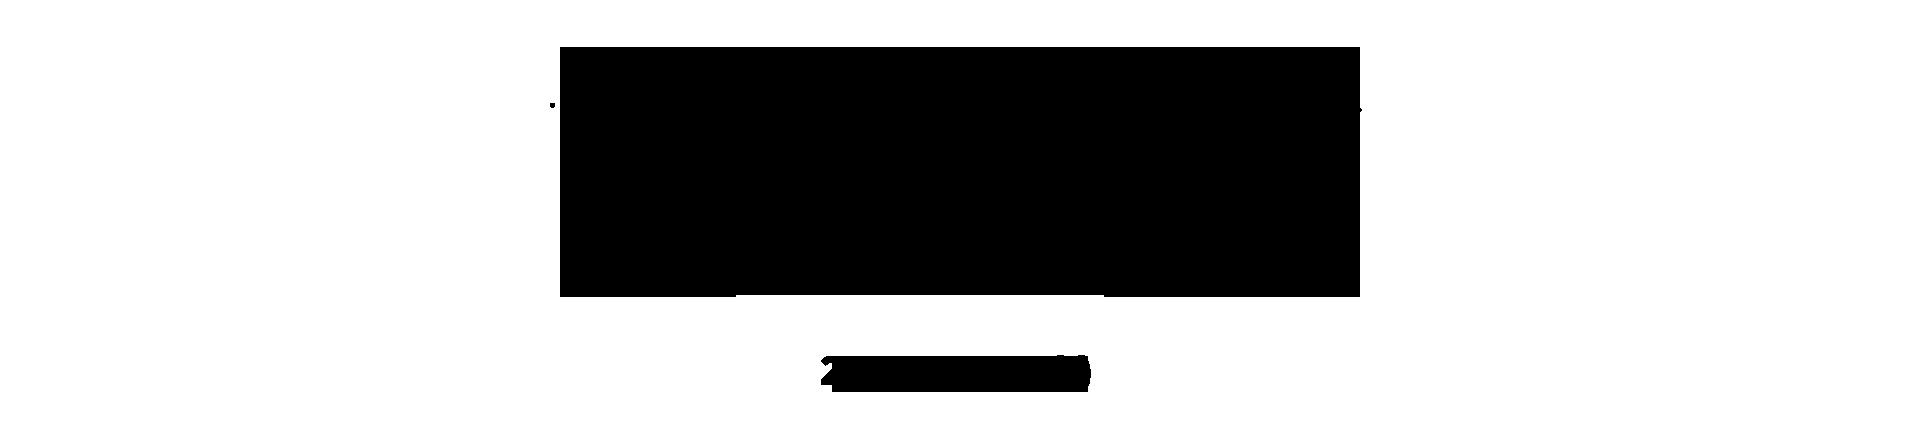 2006-2003i.png